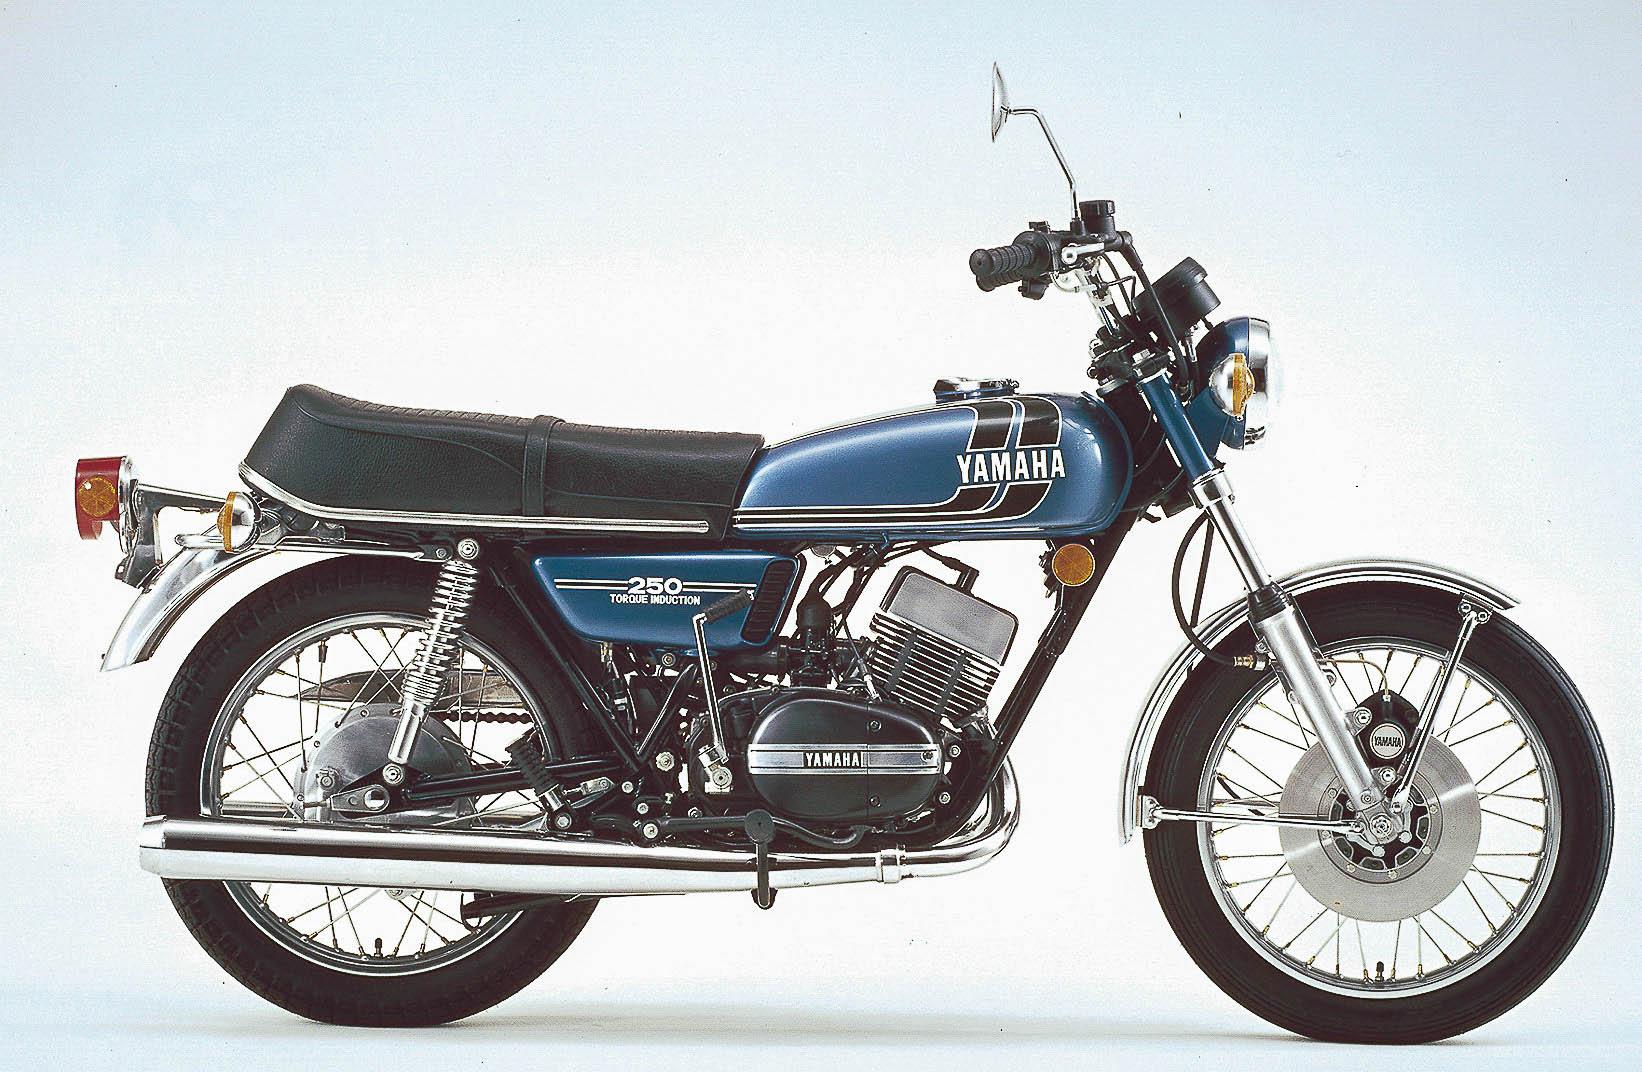 YAMAHA RD 250 (1973 - 1979)